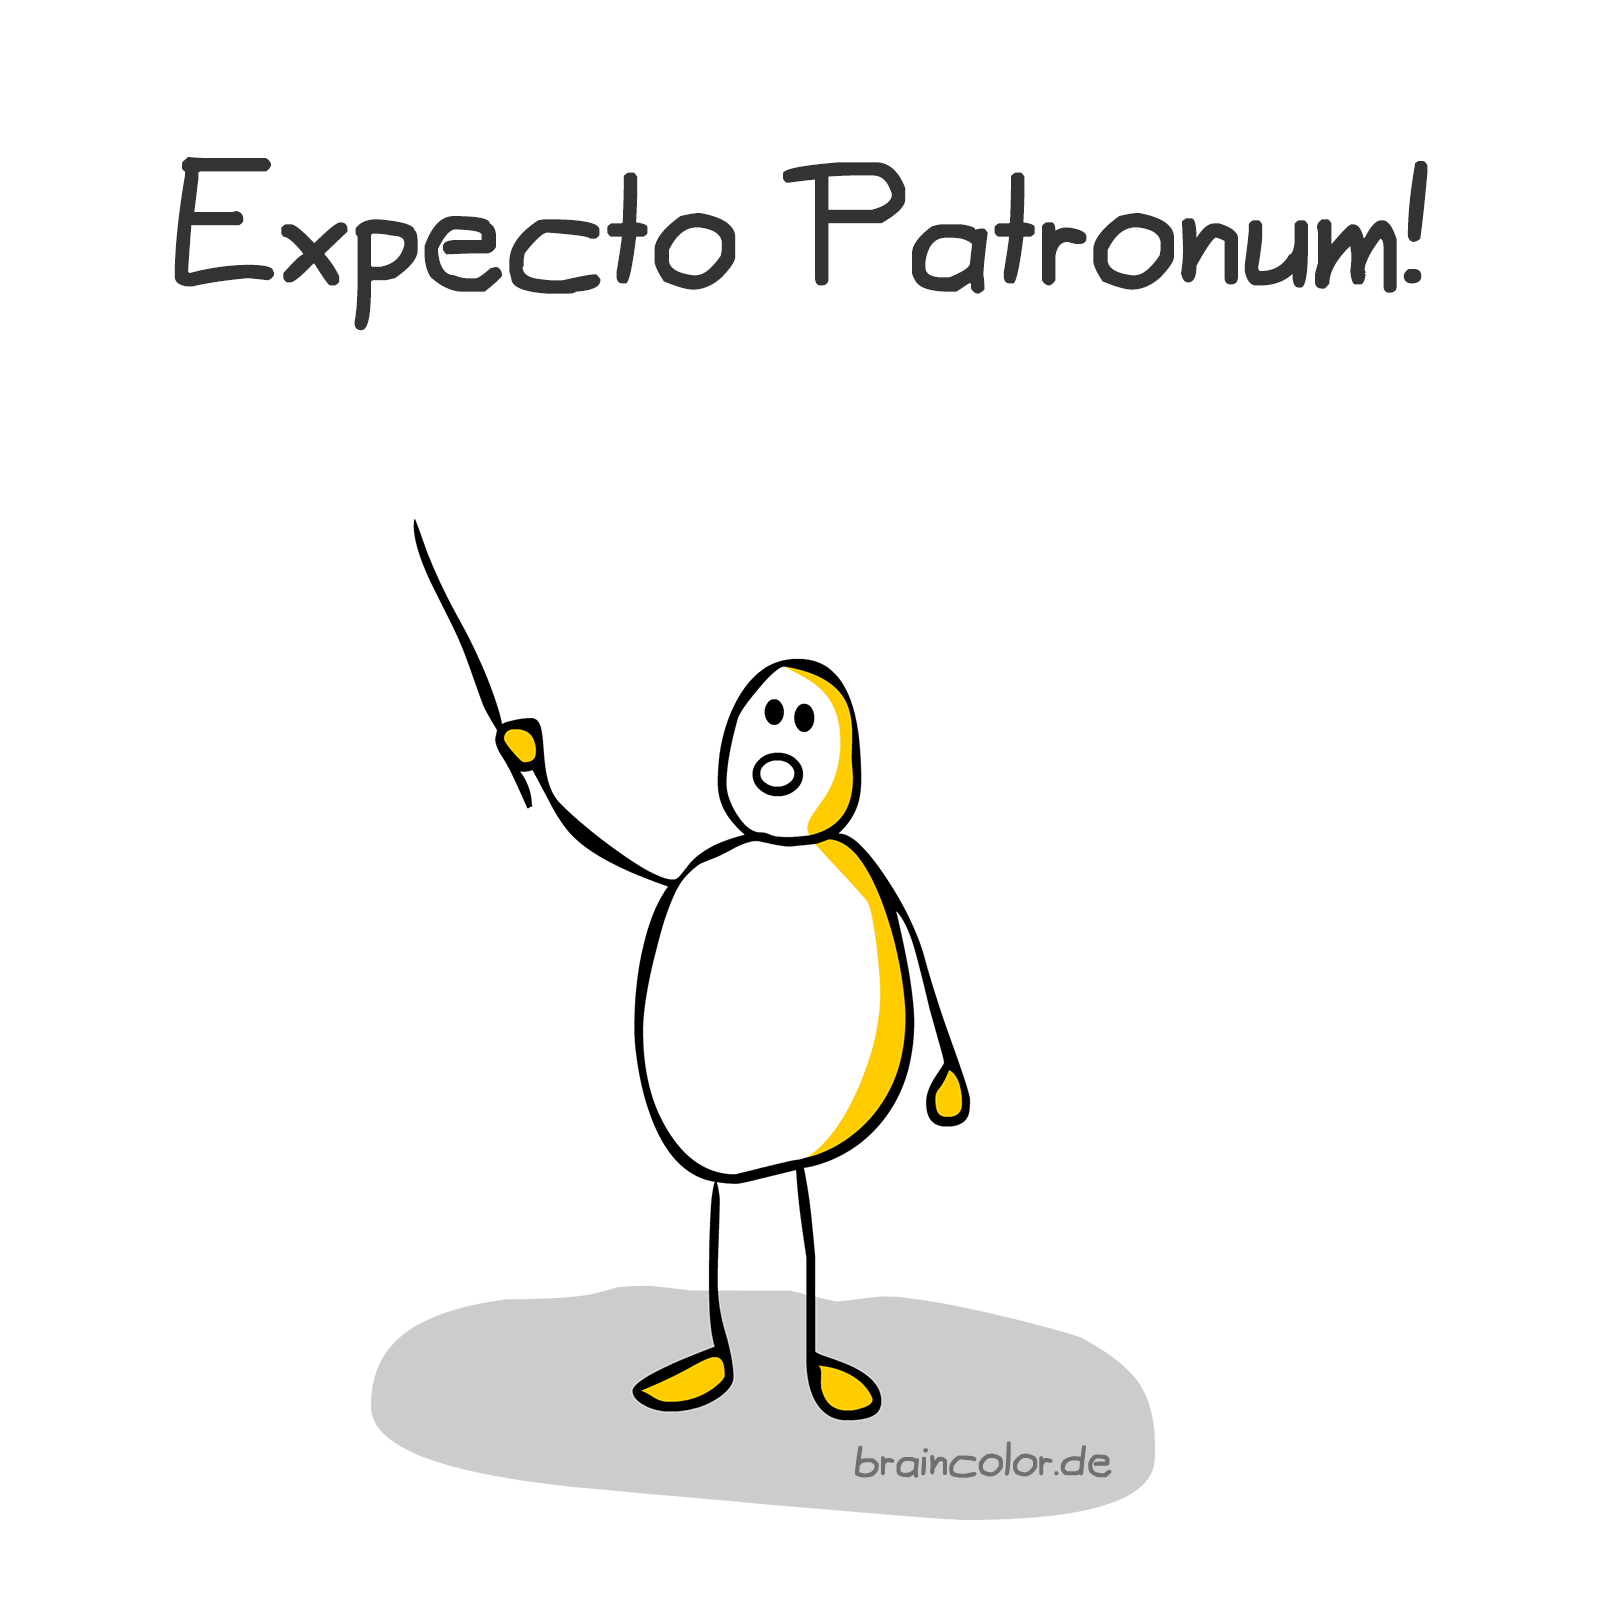 Expecto Patronum